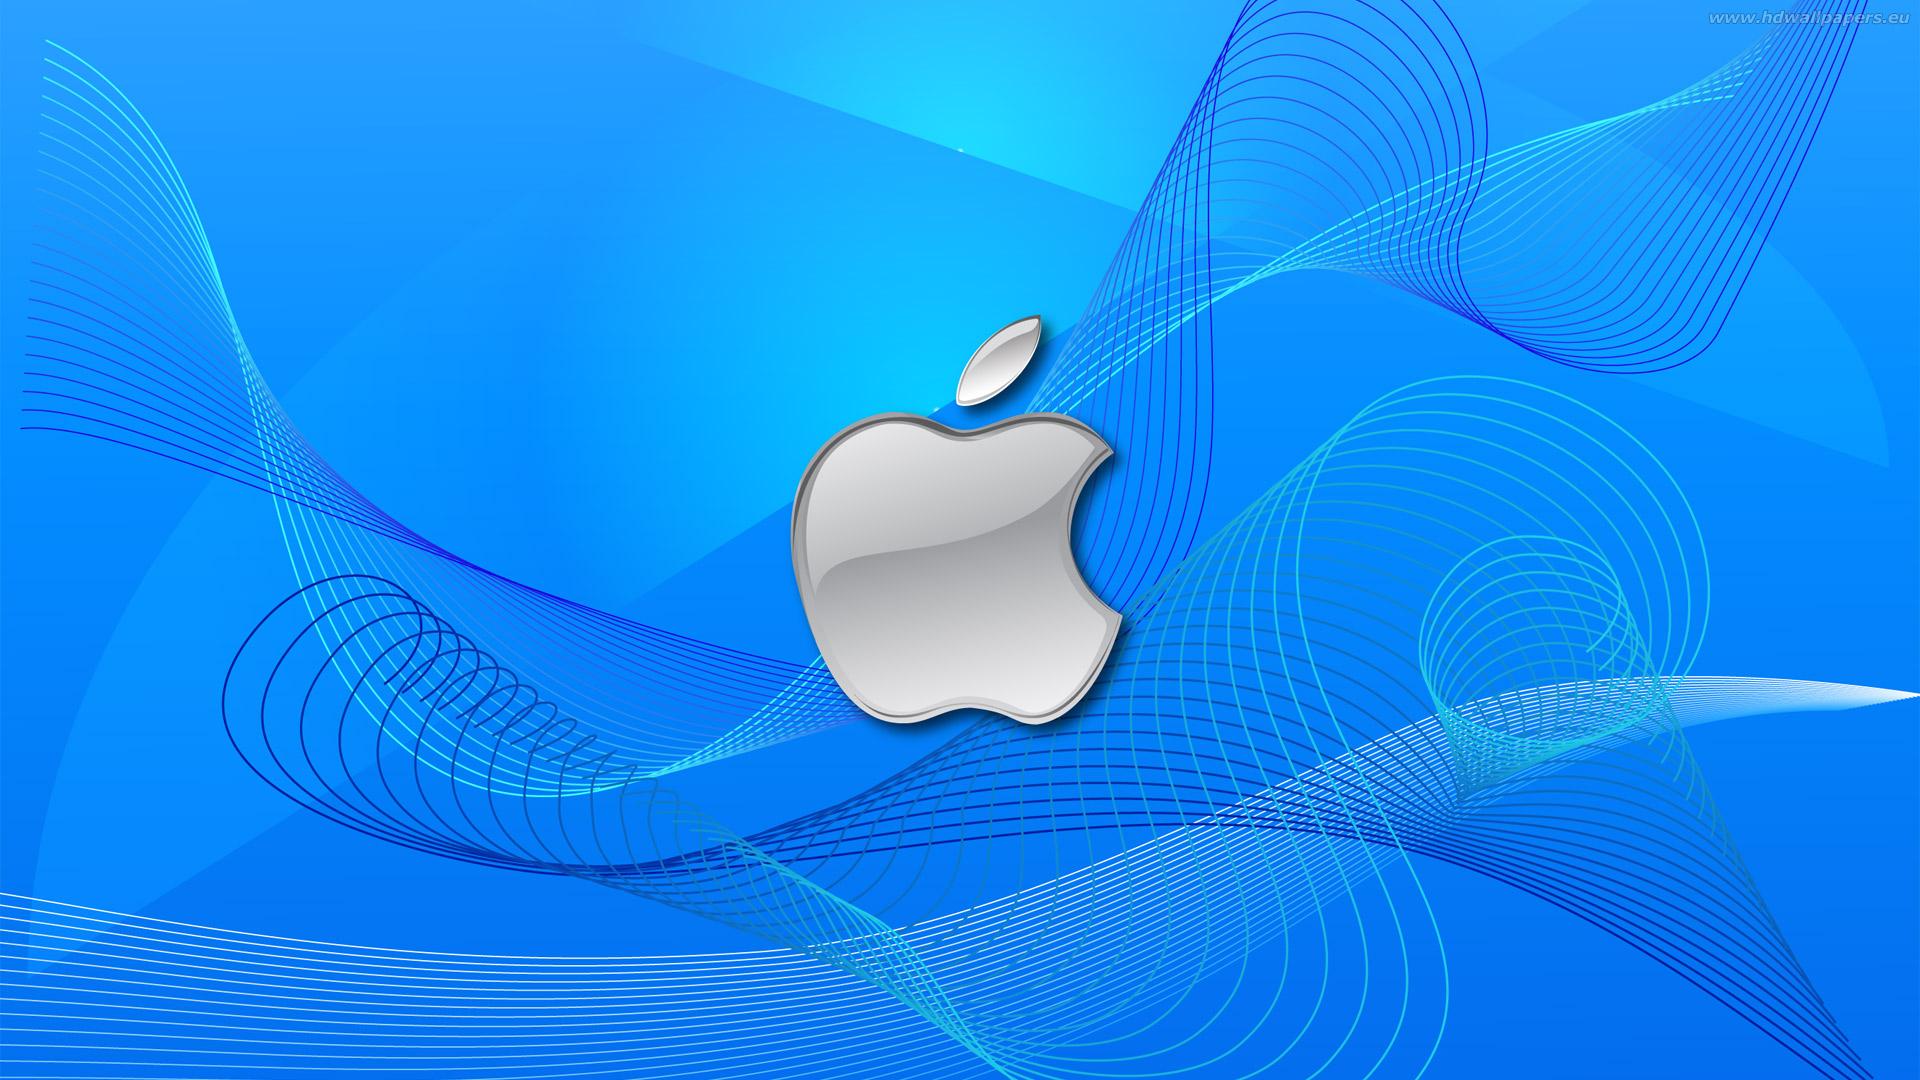 Download 4000 Wallpaper Apple Full Hd  Paling Baru